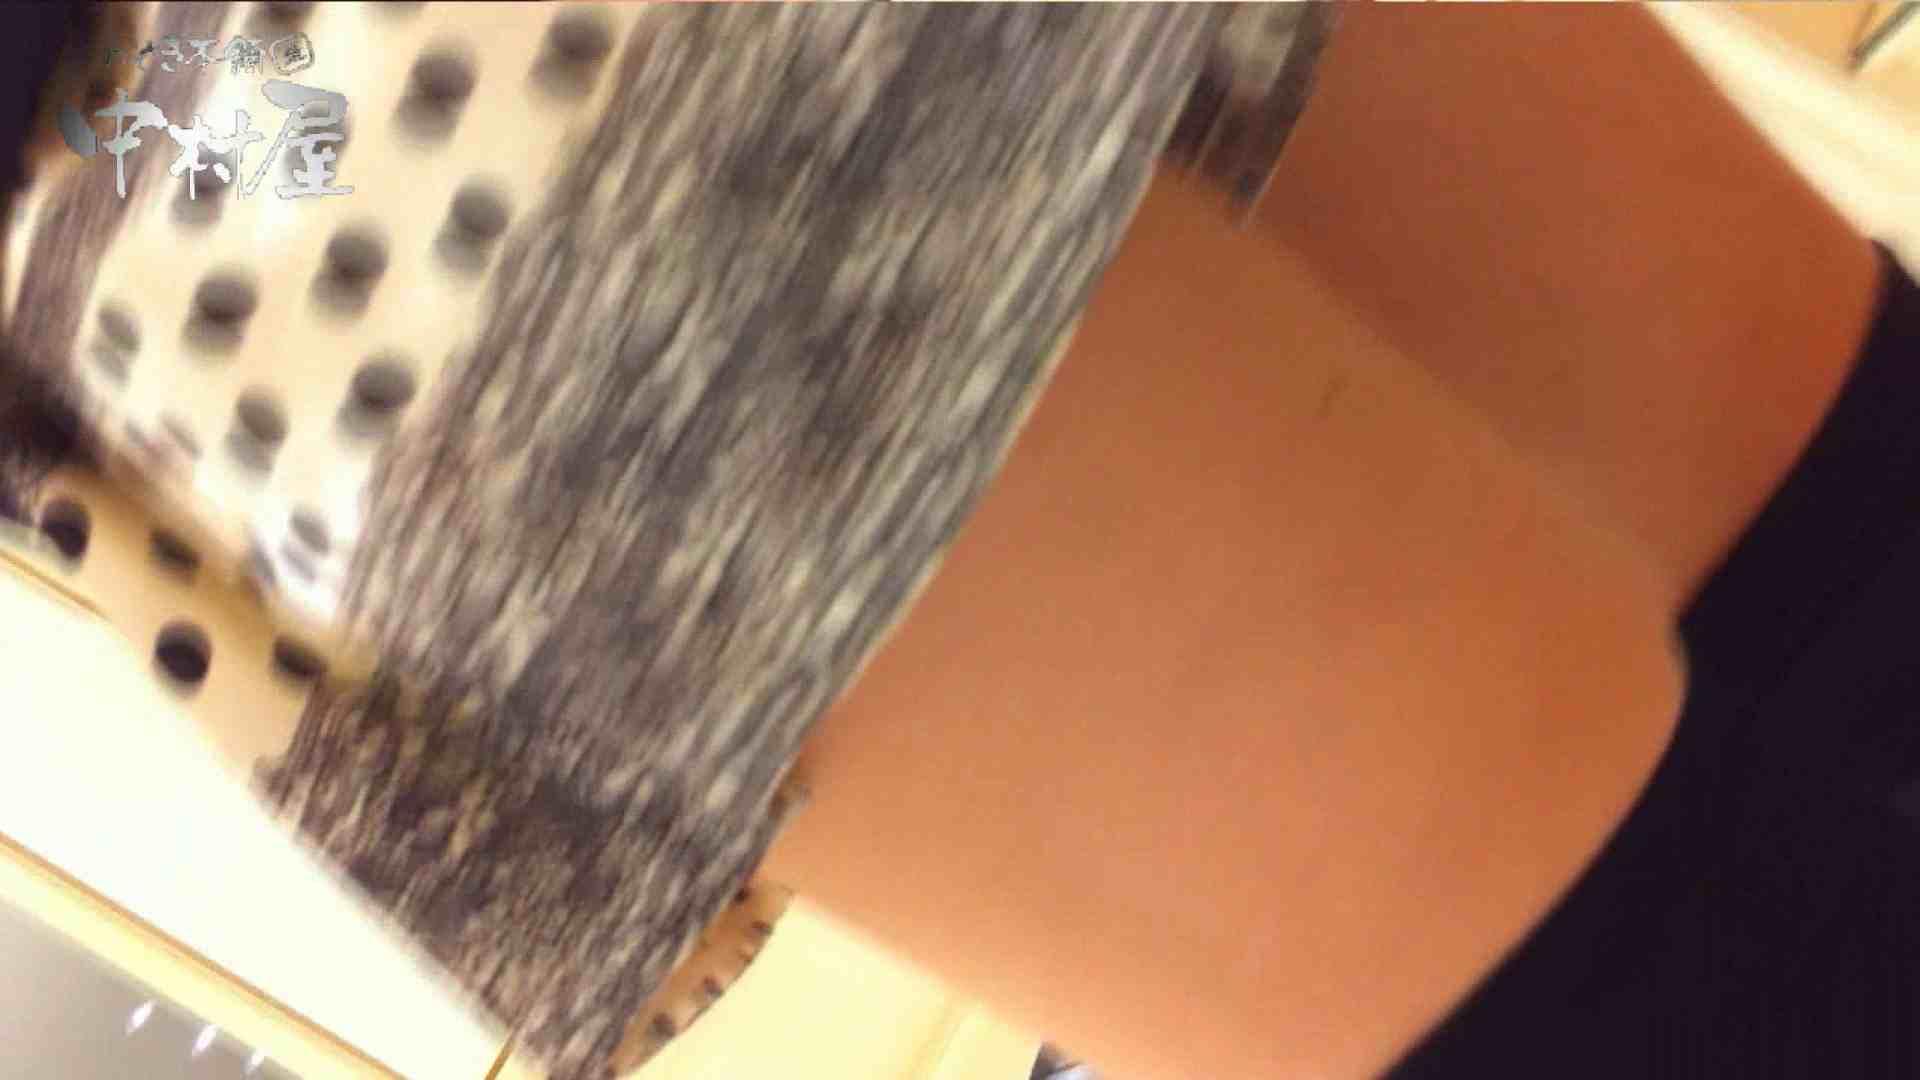 vol.66 美人アパレル胸チラ&パンチラ 店員さんのパンツはストライプ チラ | OLエロ画像  87PICs 41